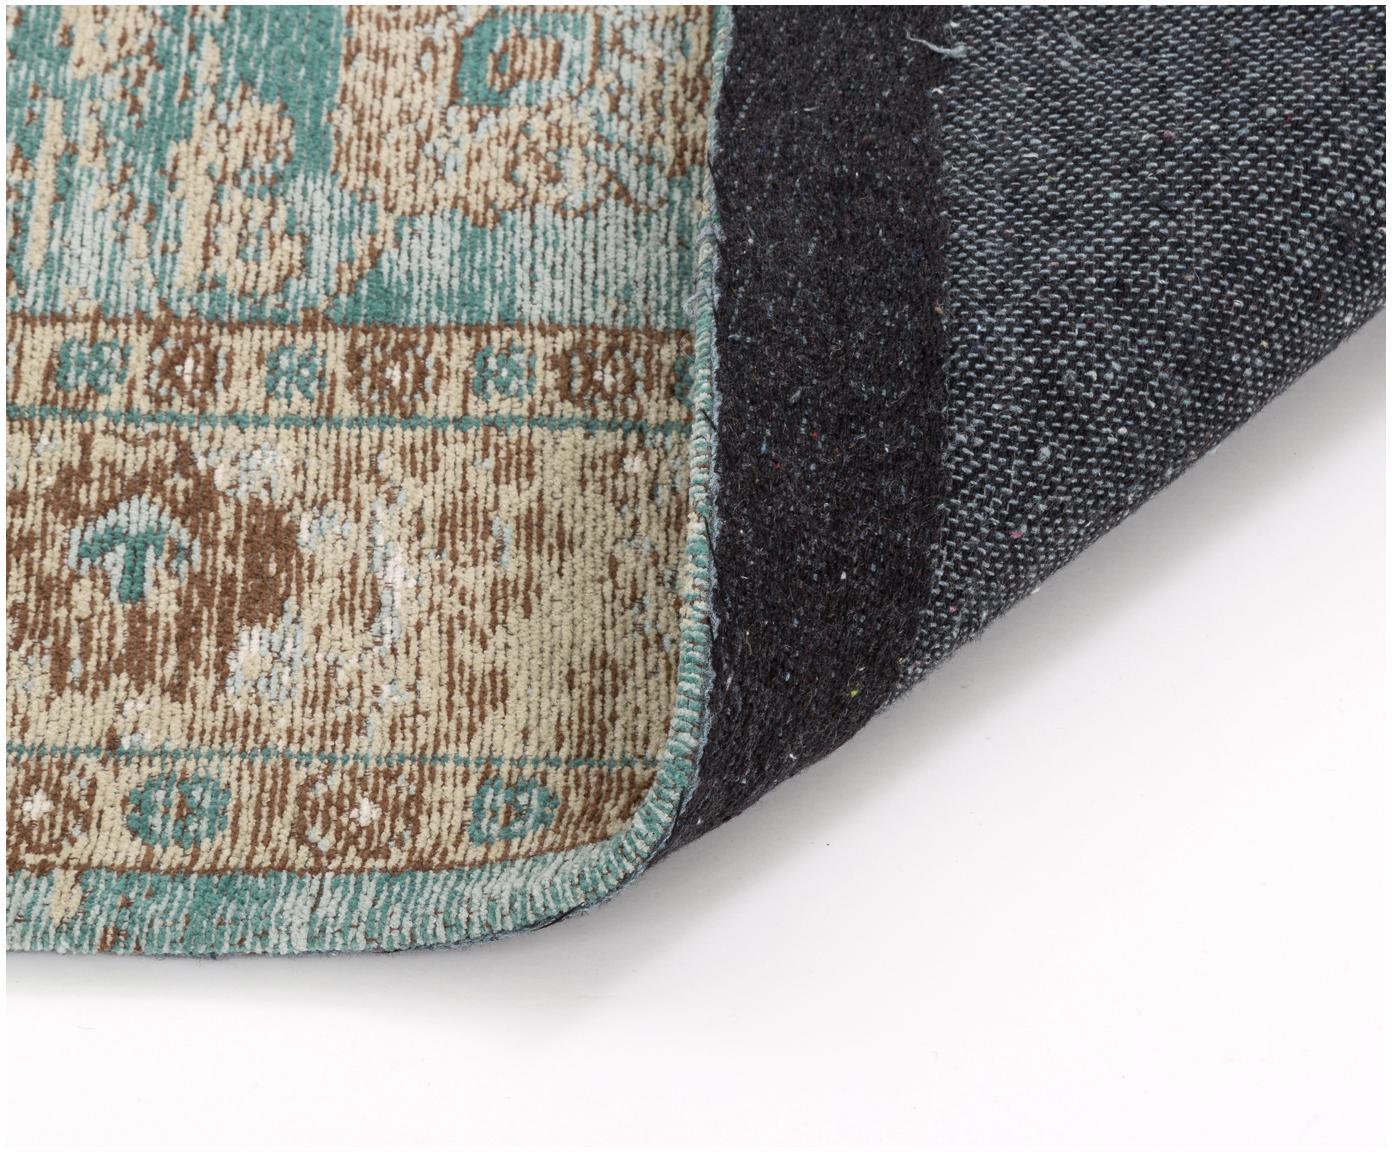 Vintage Chenilleteppich Rimini in Türkis-Braun, handgewebt, Flor: 95% Baumwolle, 5% Polyest, Türkis, Taupe, Braun, B 160 x L 230 cm (Grösse M)